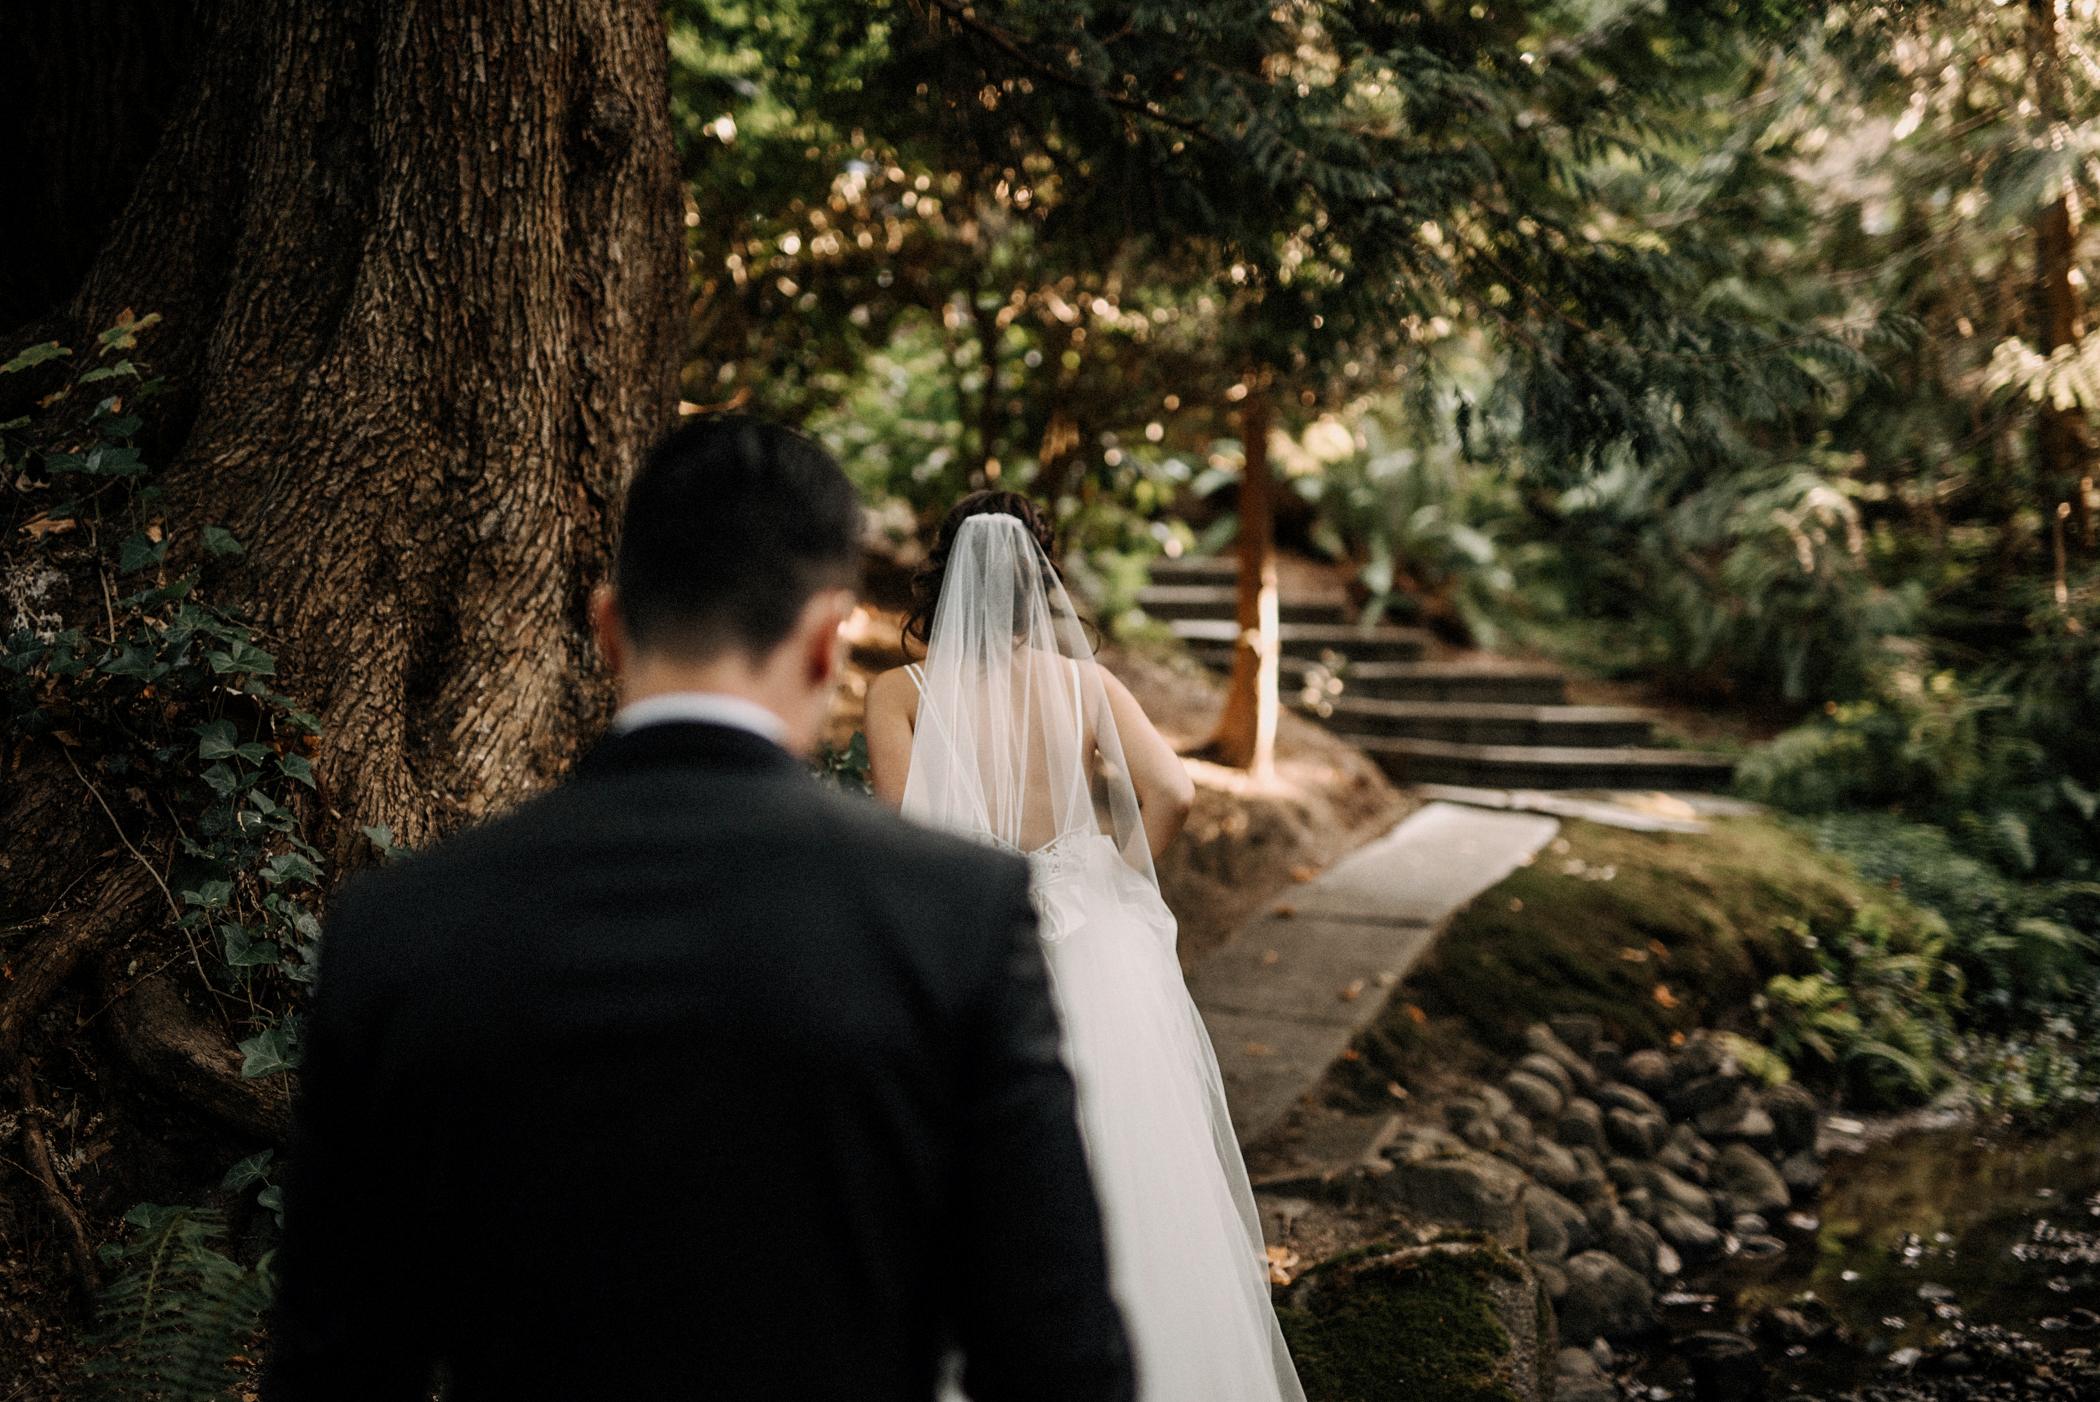 063-kaoverii-silva-KR-wedding-vancouver-photography-blog.png